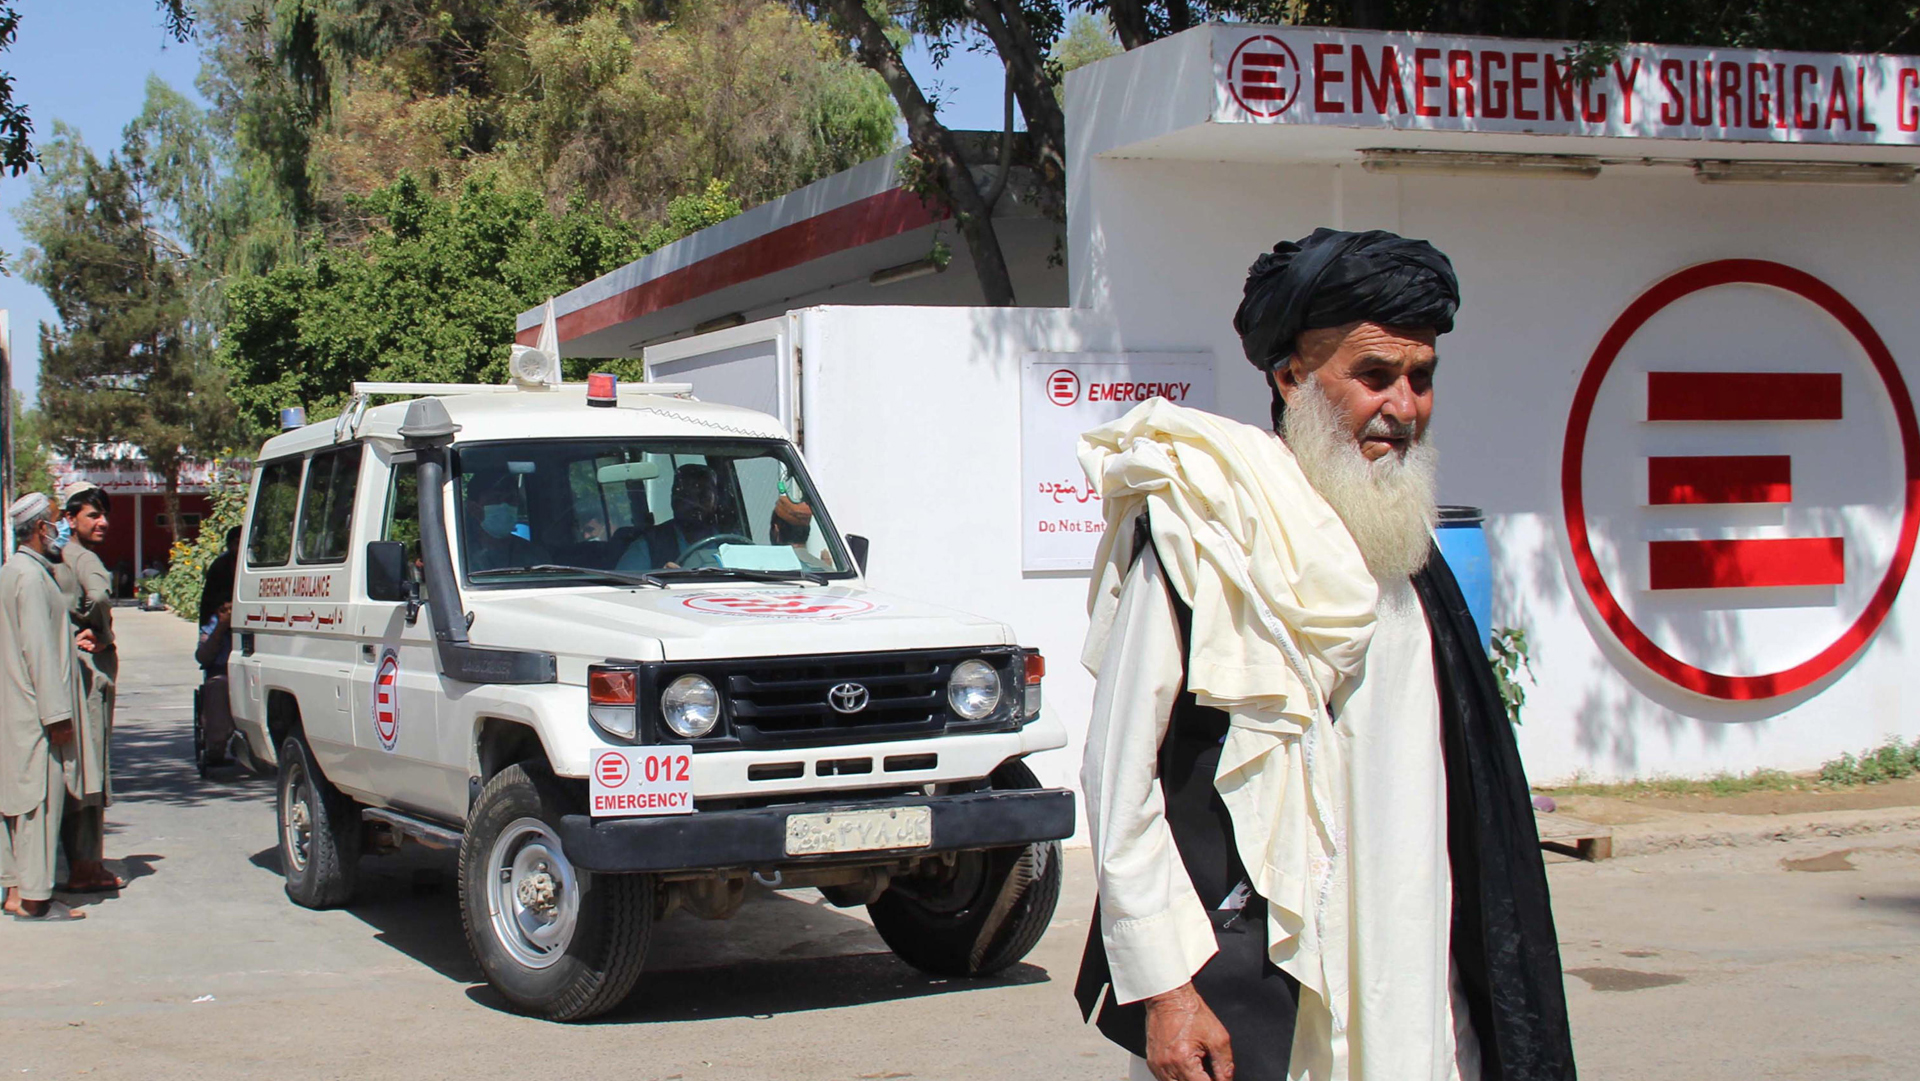 I talebani conquistano Lashkar Gah. Il racconto di Leila Borsa dall'ospedale di Emergency